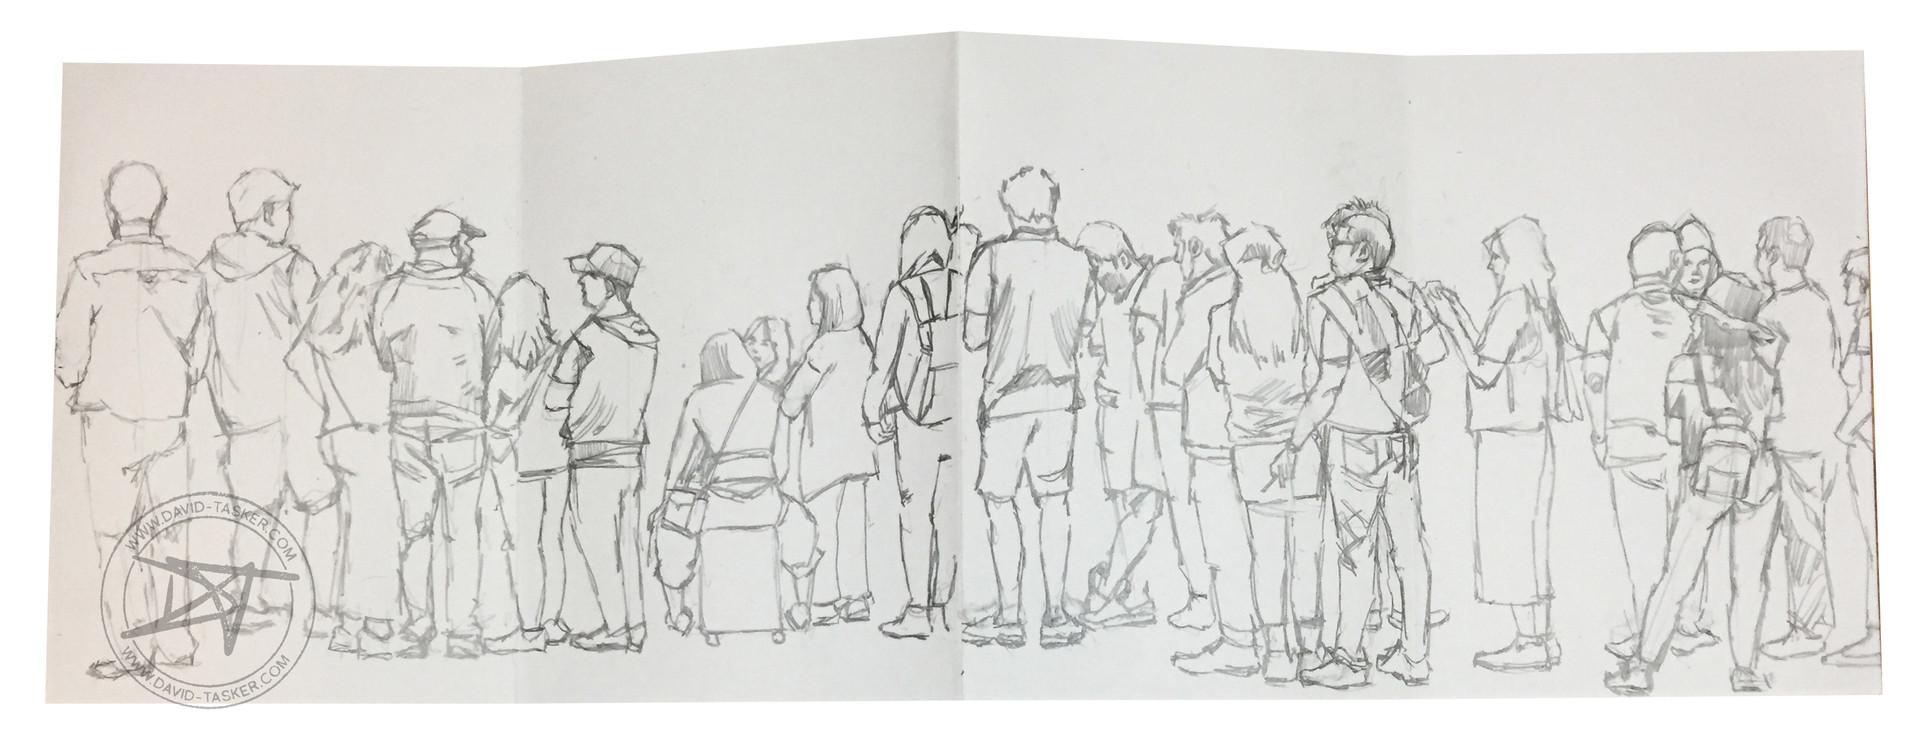 Queue drawing 2.jpg